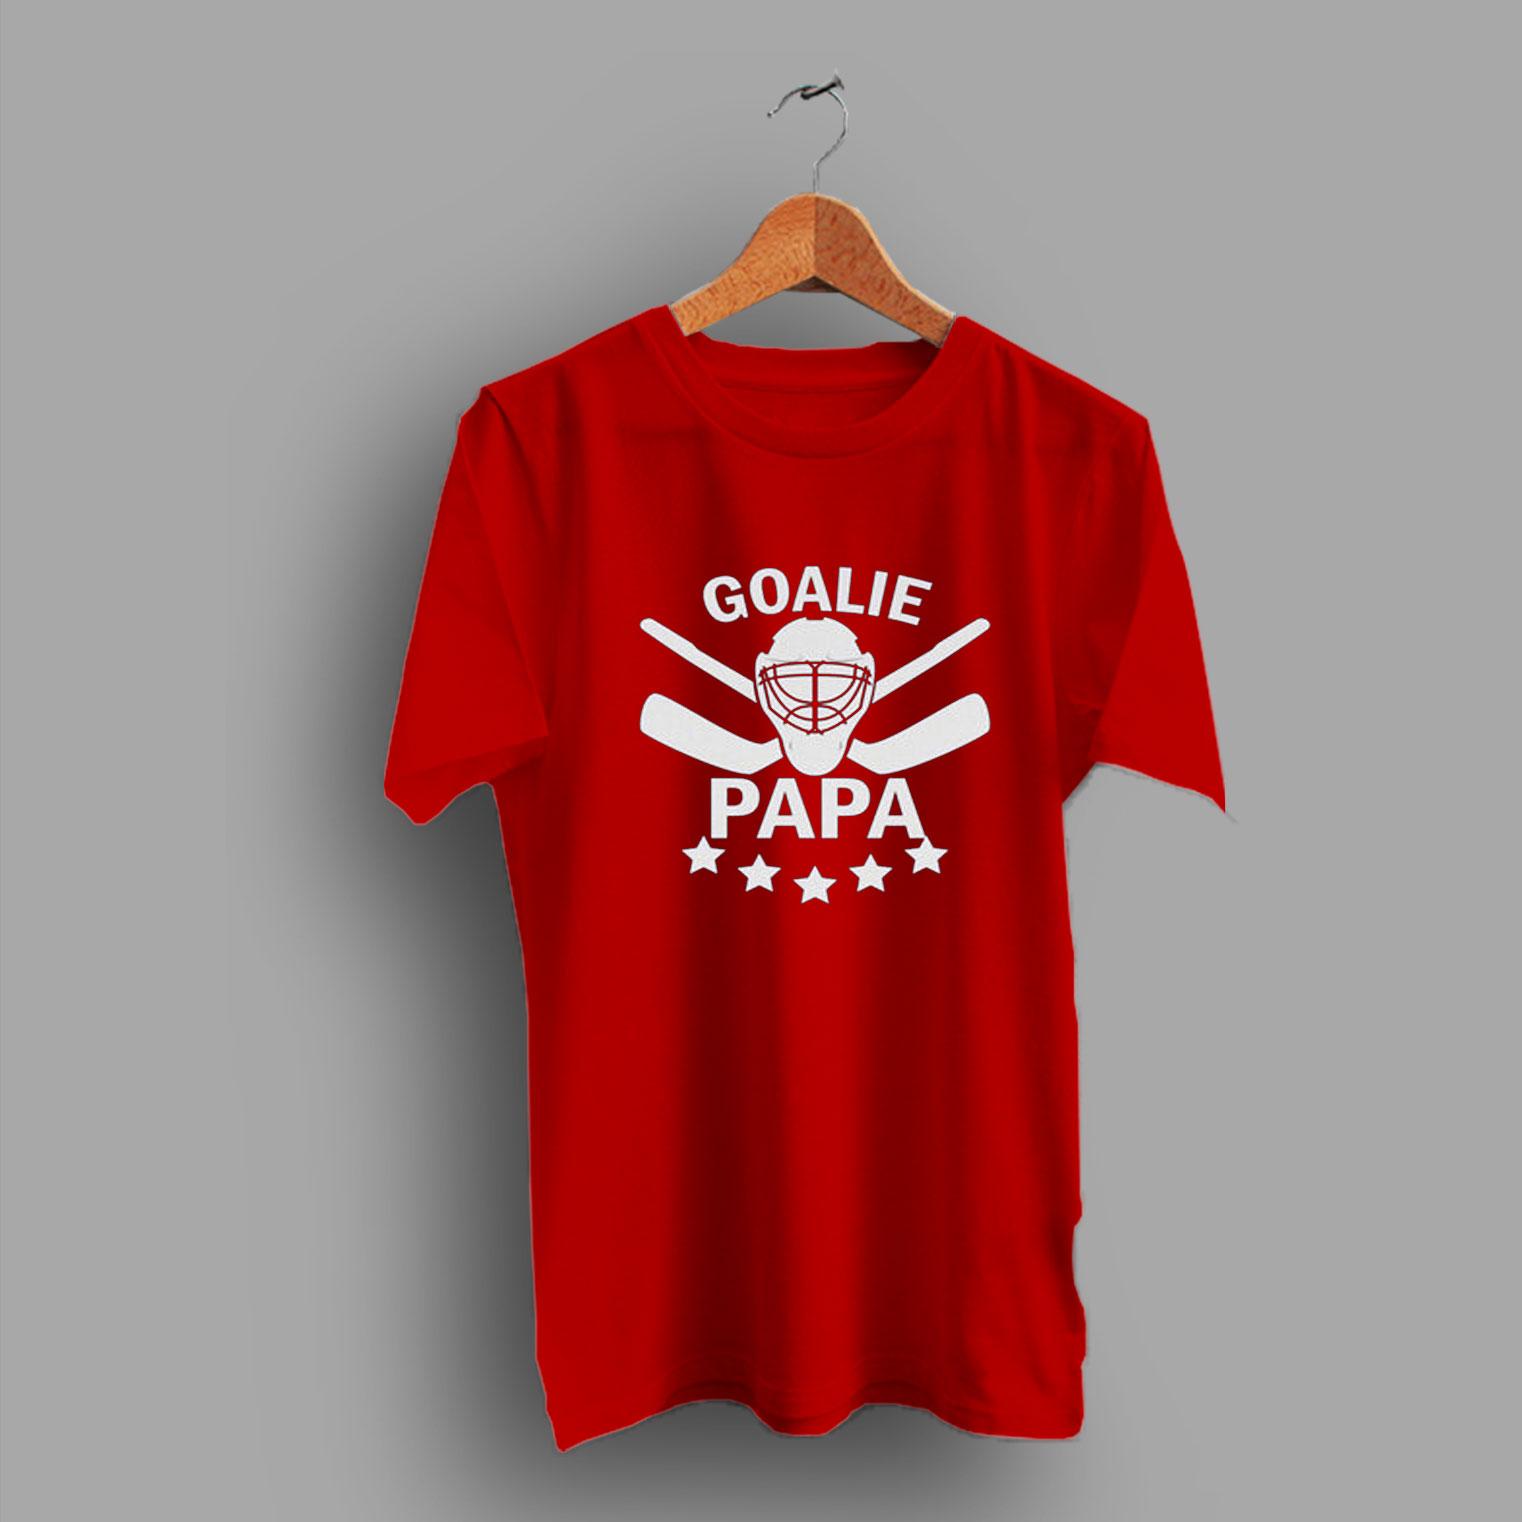 84a67218f Goalie Papa Funny Hockey Dad Family T Shirt - HotVero